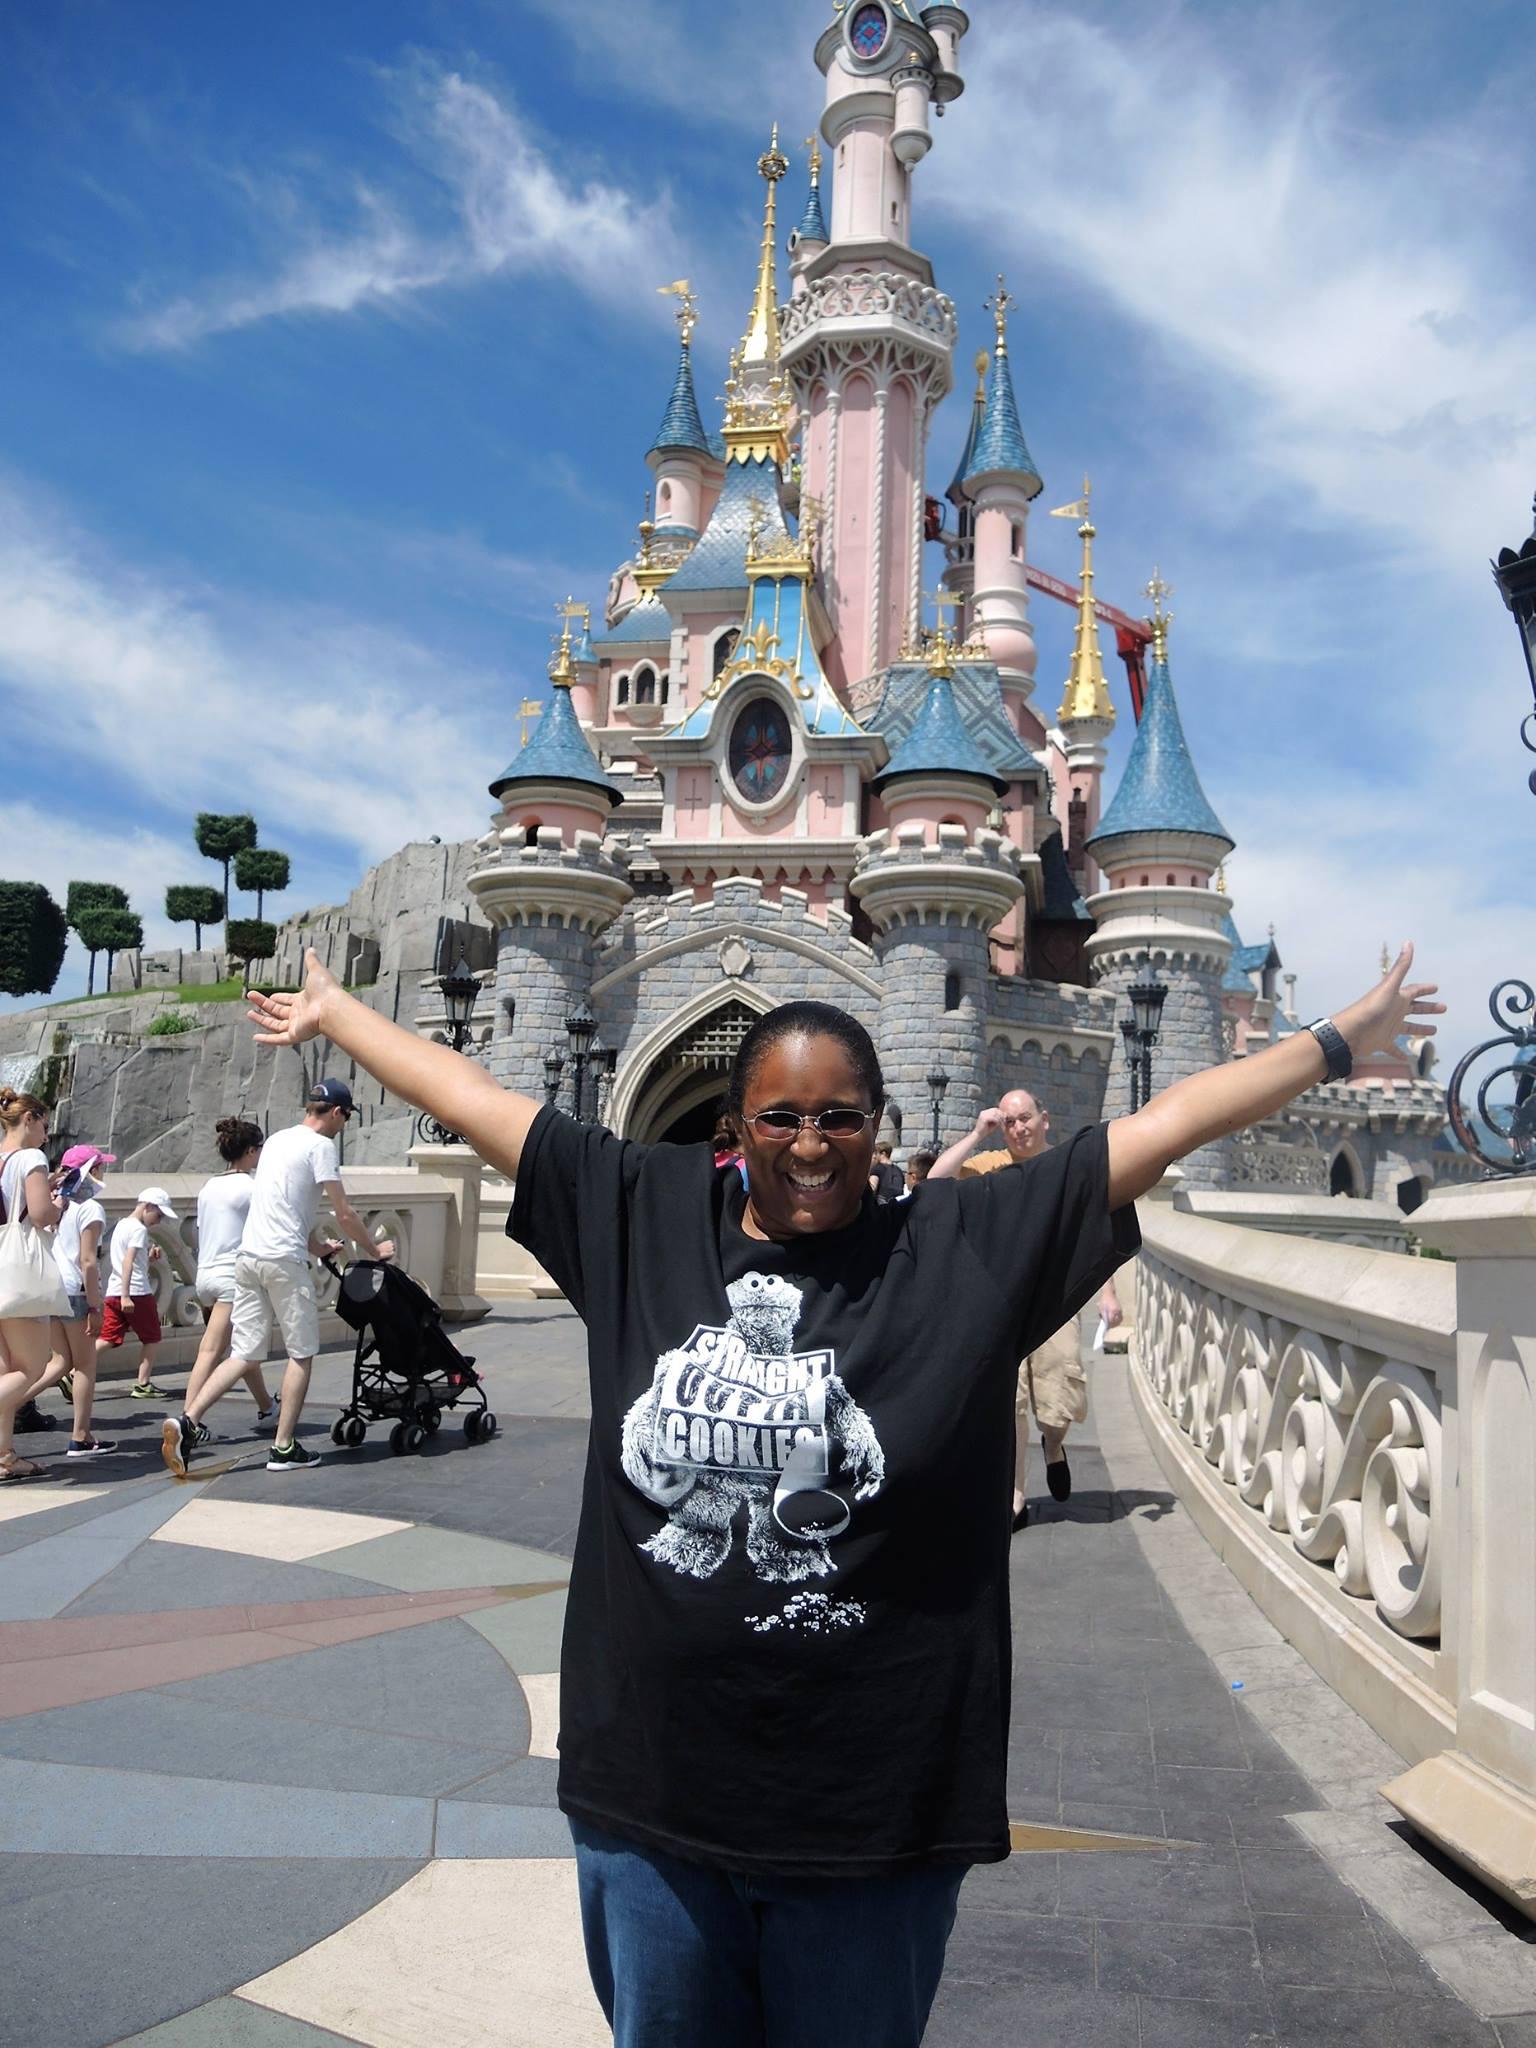 Me at Disneyland Paris